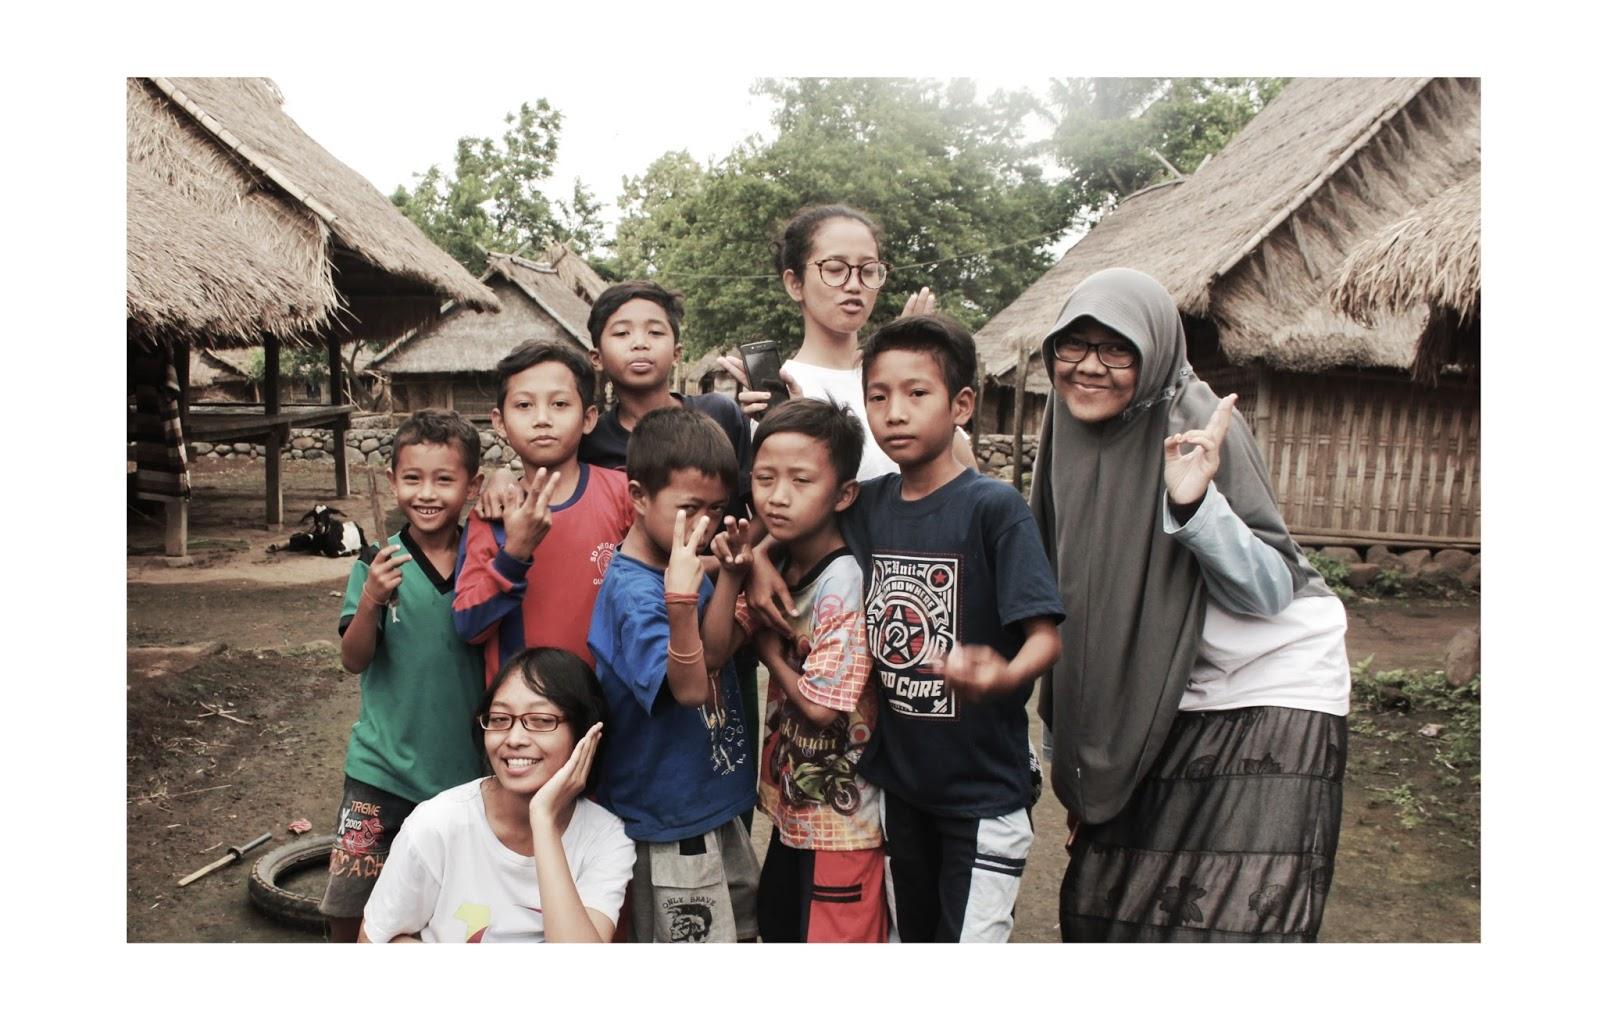 Keluh Kesah Desa Berlimpah Air Dusun Dasan Beleq Gumantat Kabupaten